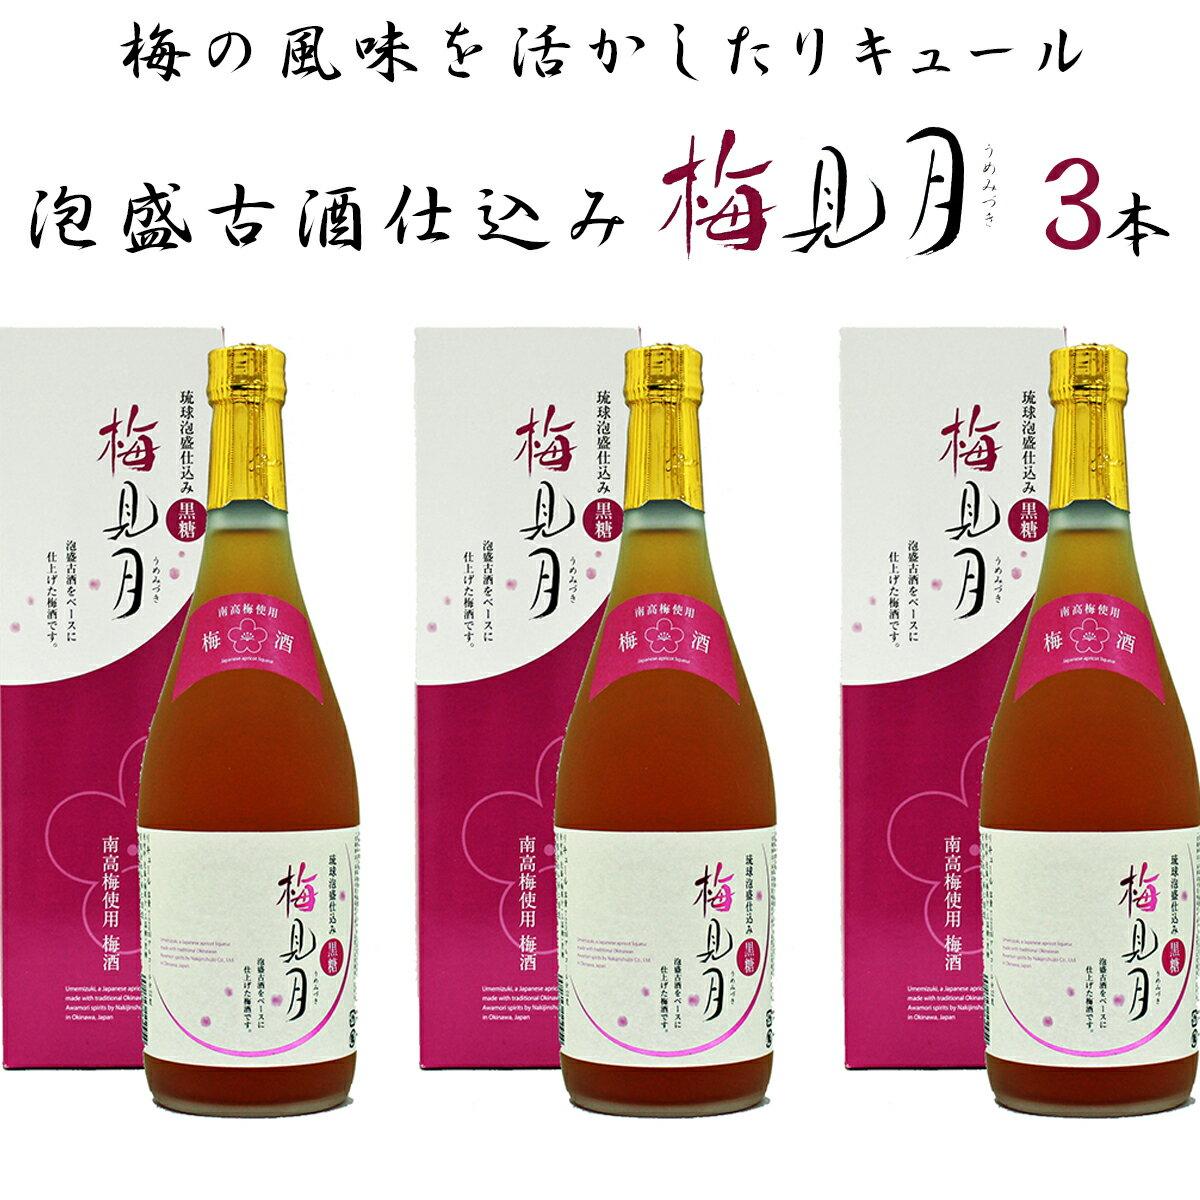 【ふるさと納税】泡盛古酒仕込み梅酒「梅見月黒糖入り3本セット」